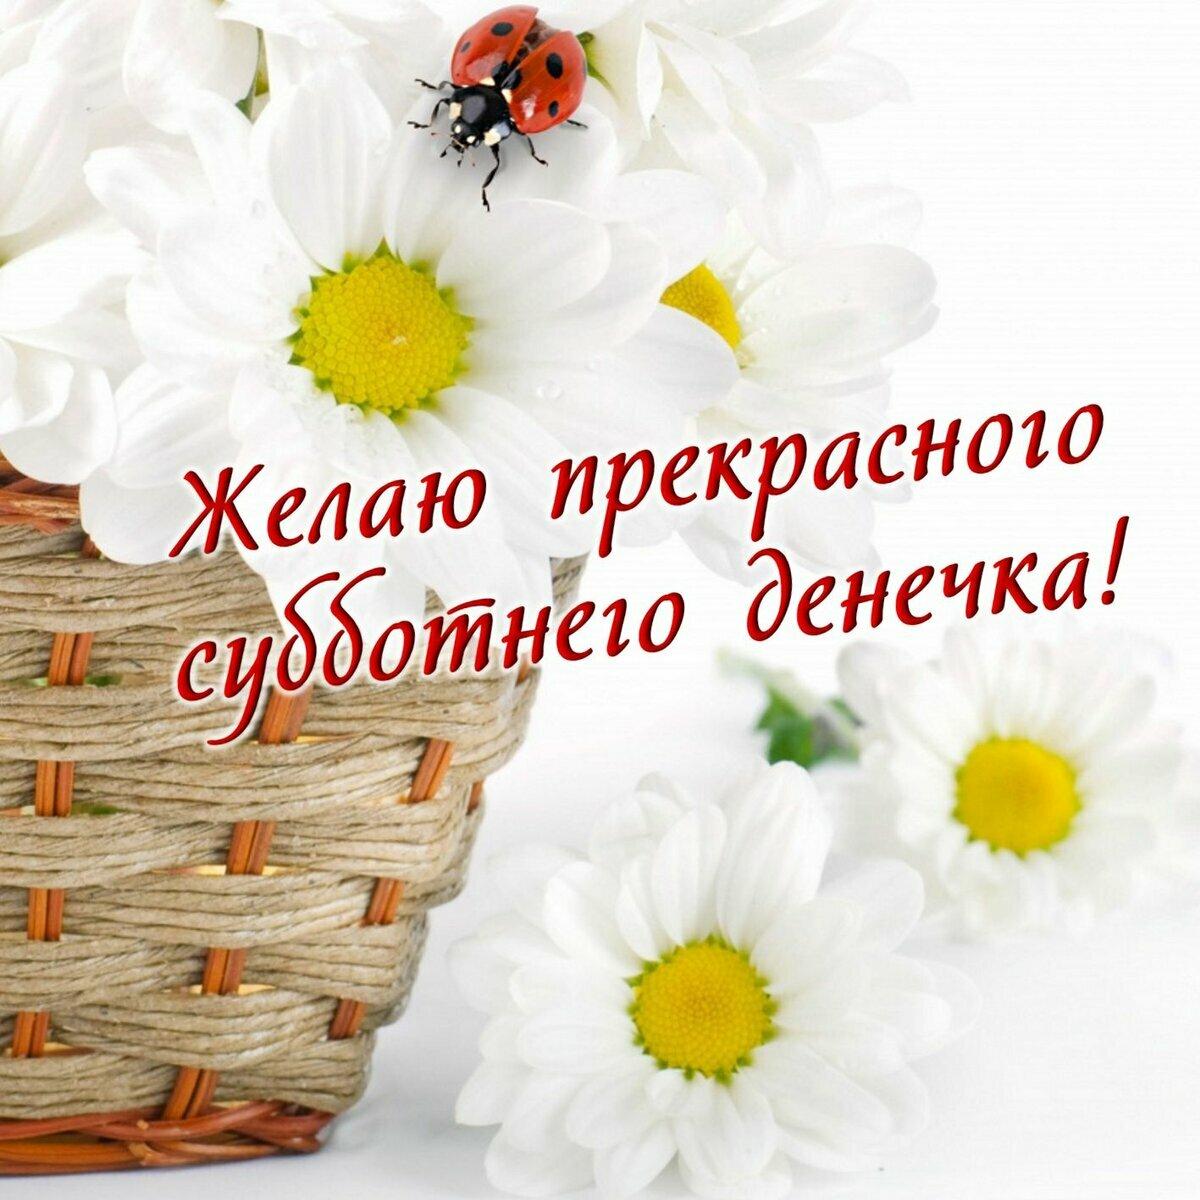 Поздравление с днем победы друзьям и родным